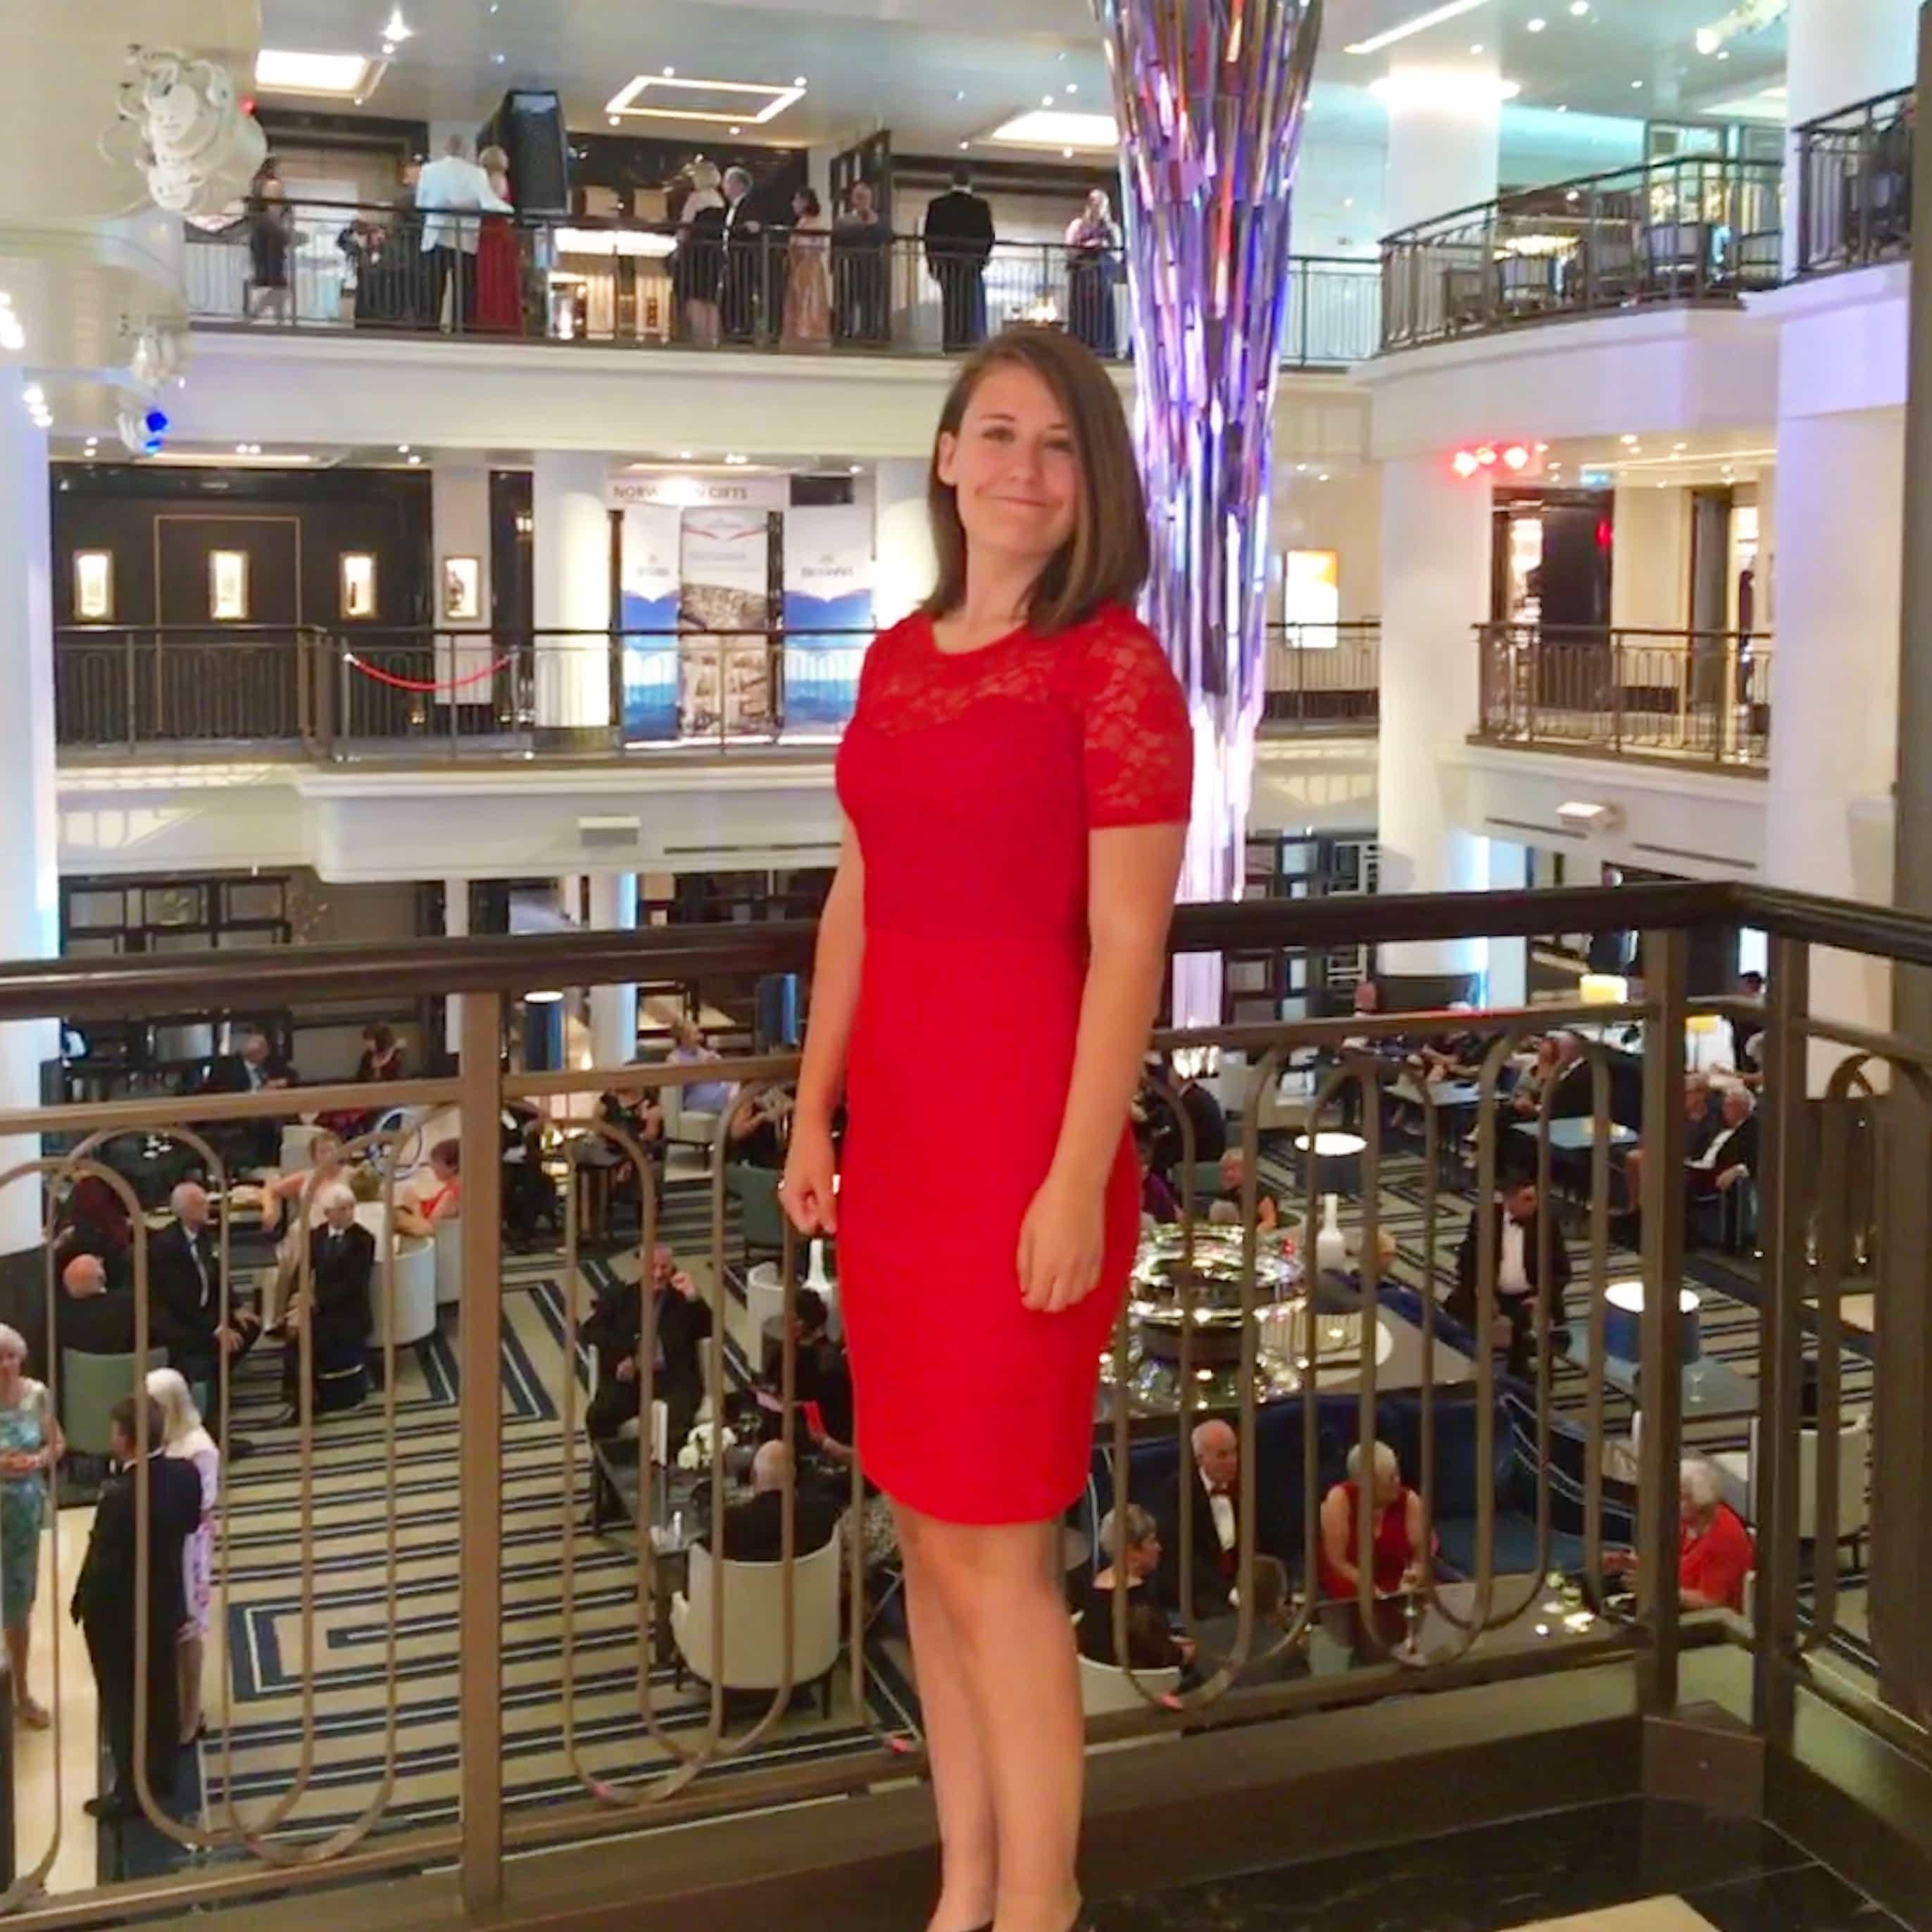 p&o formal night britannia atrium red dress